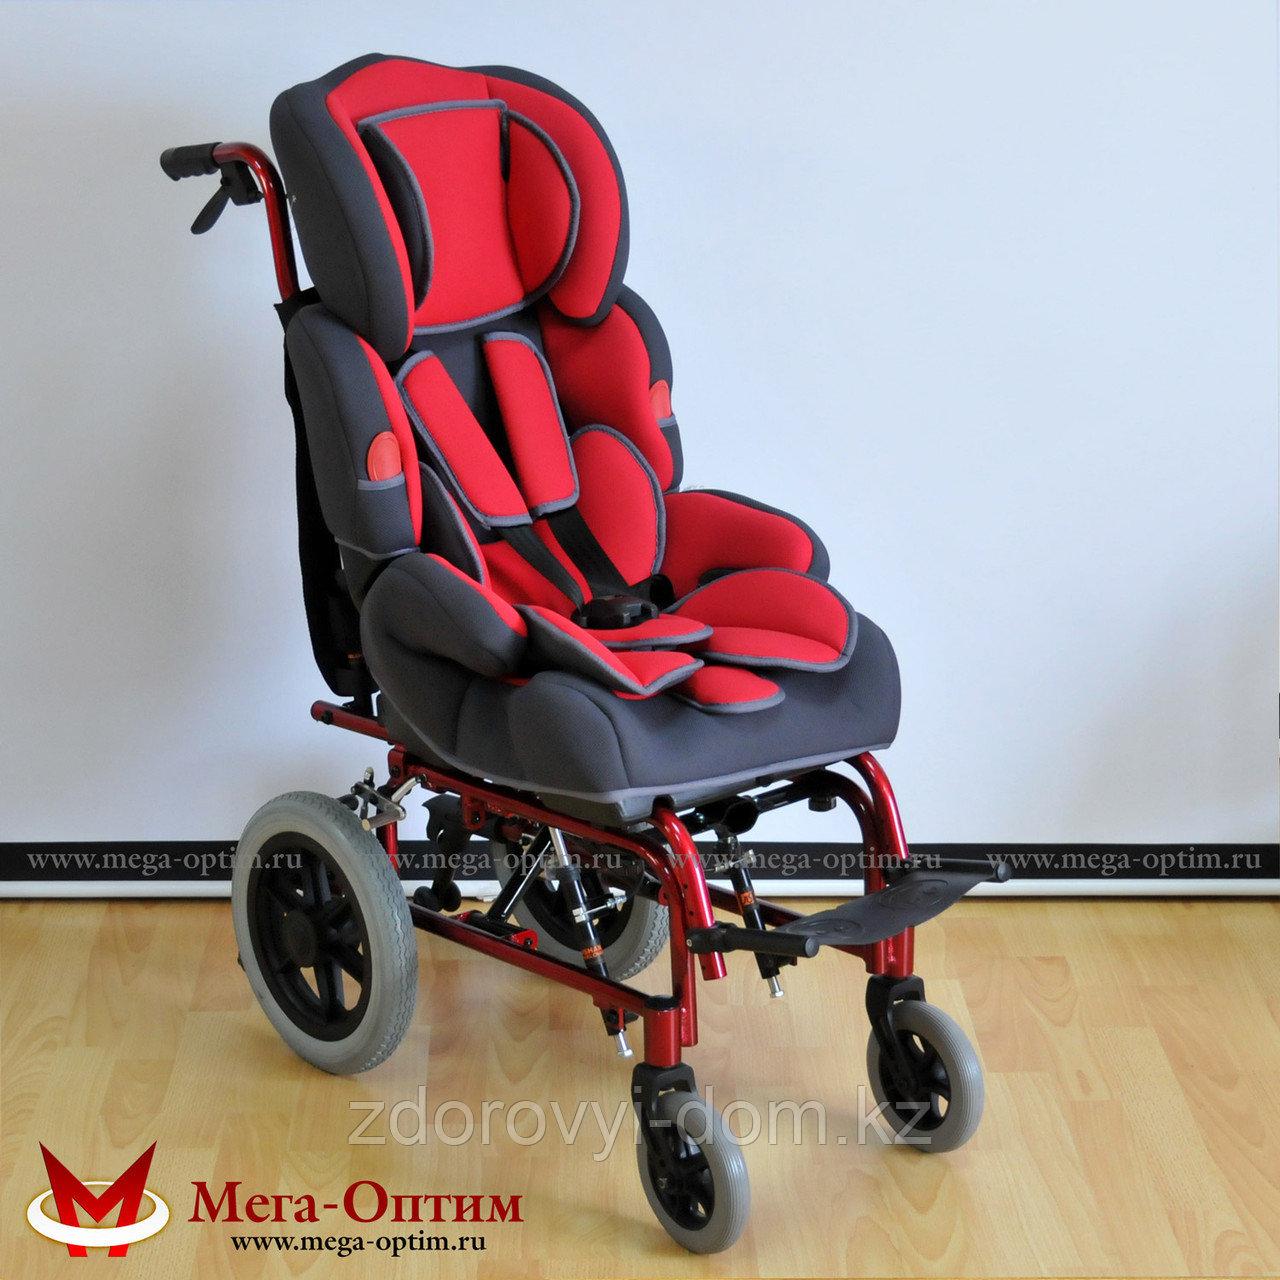 Инвалидная коляска для больных ДЦП детская